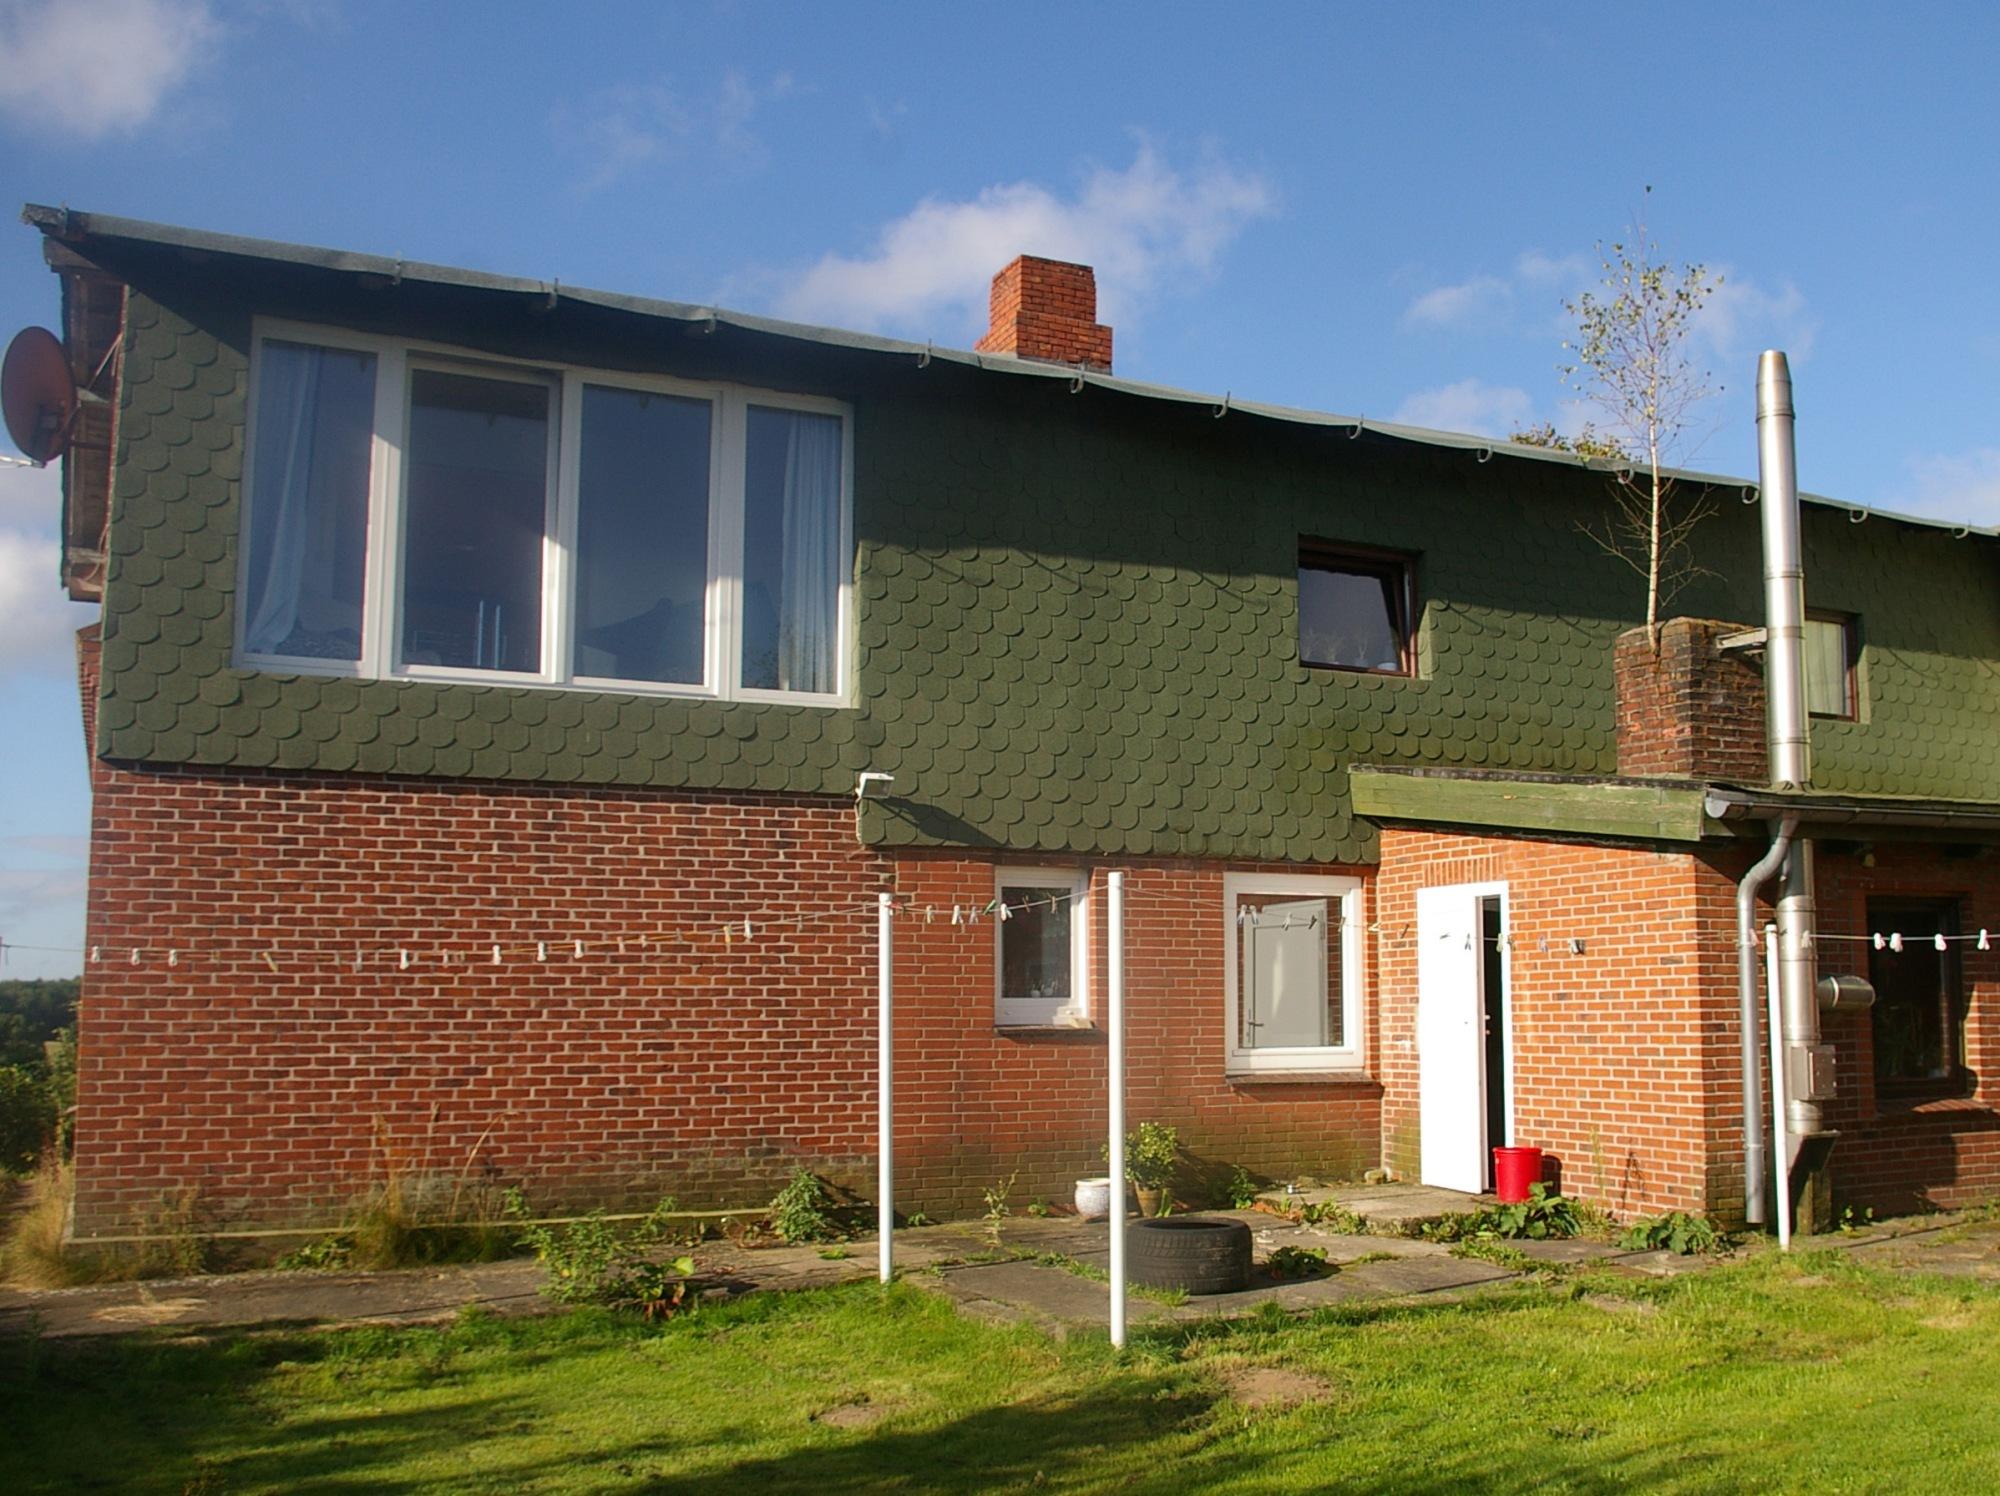 Hausfassade in grün